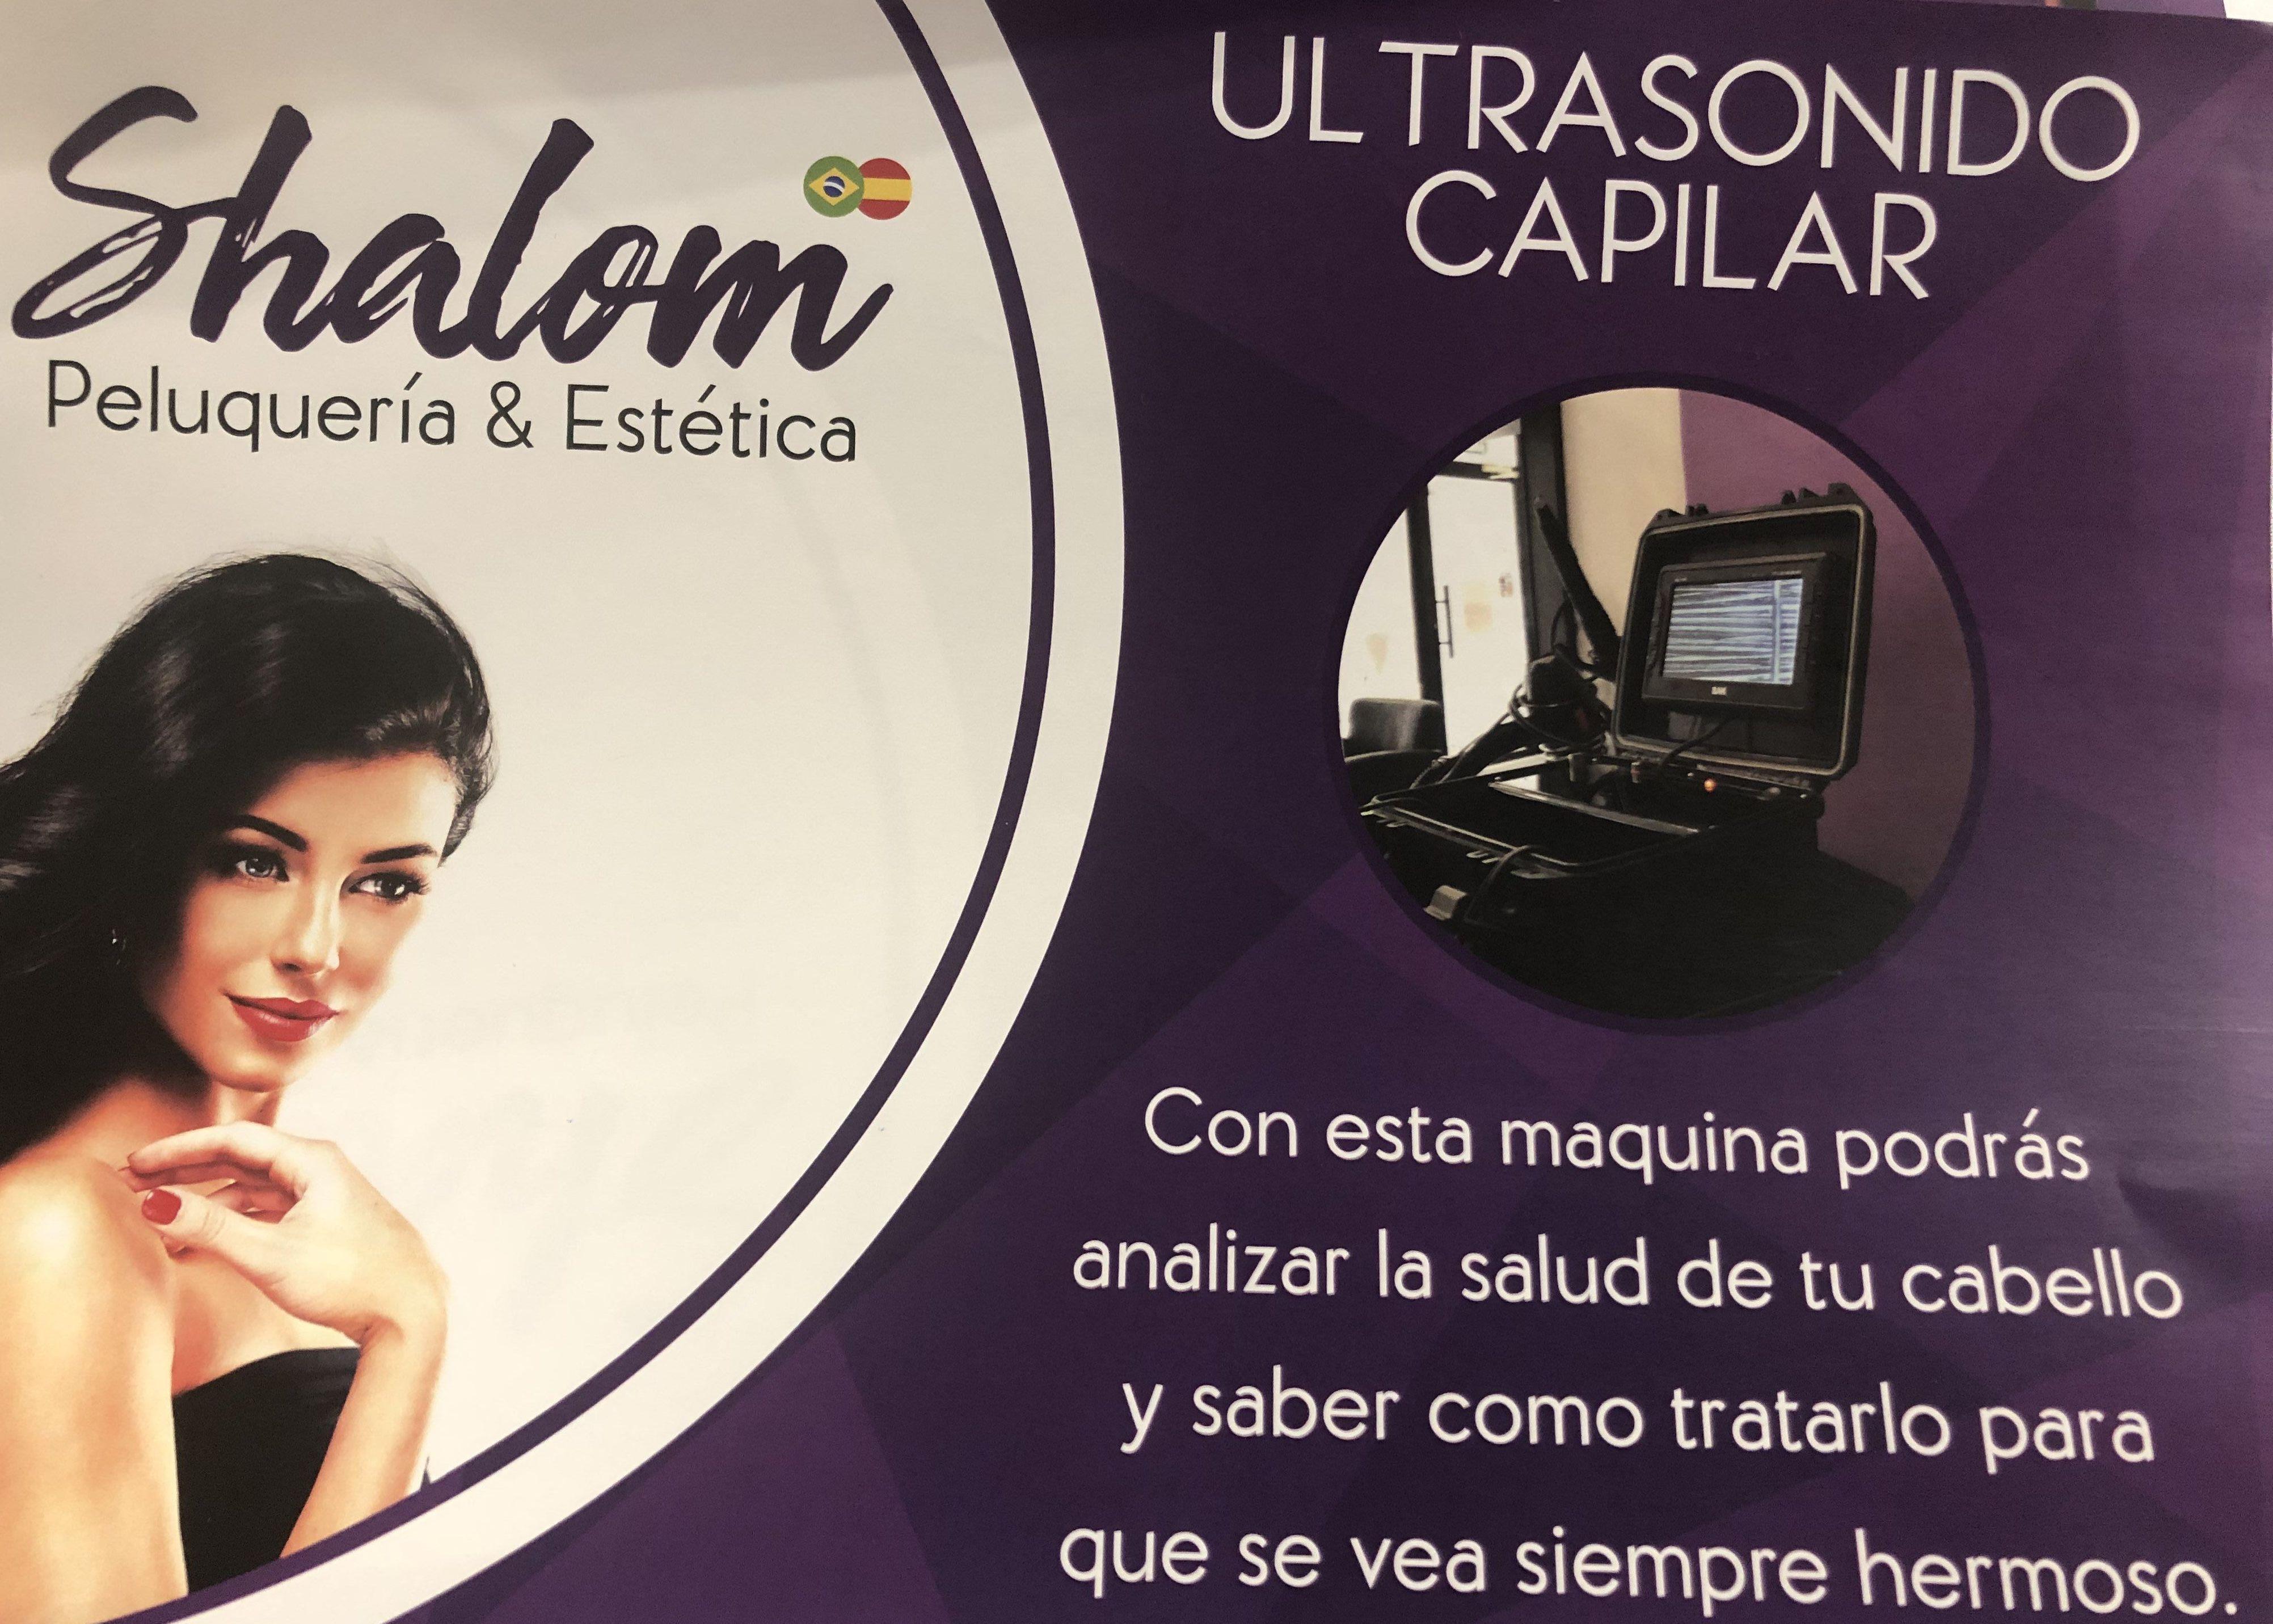 Ultrasonido capilar en Logroño